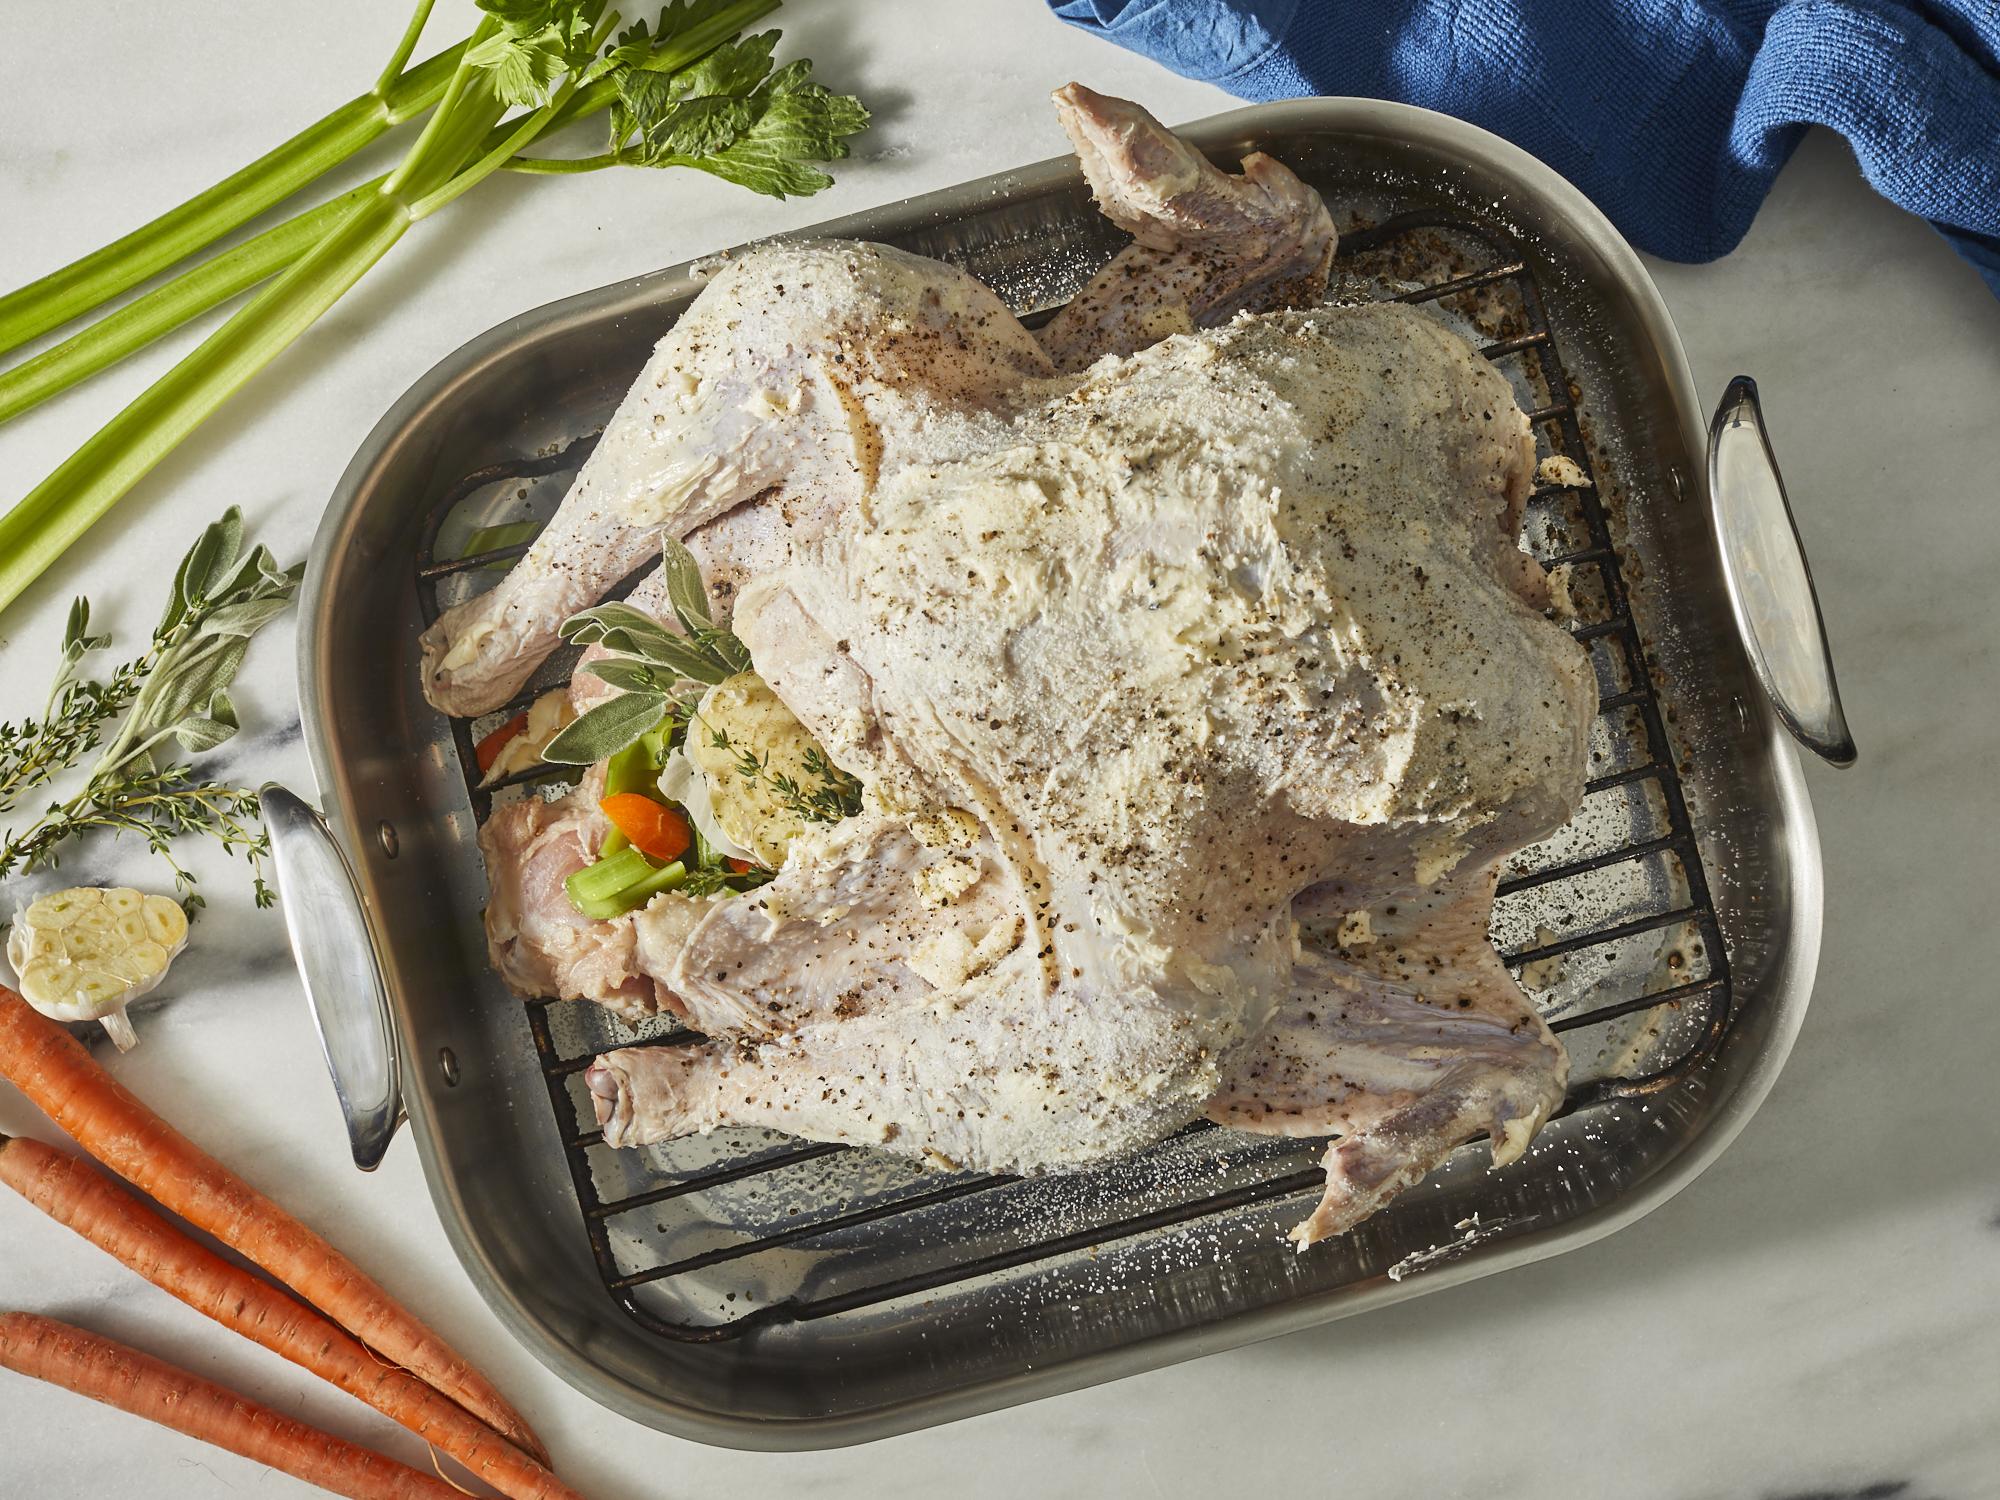 MR-Perfect Roast Turkey Stuffed